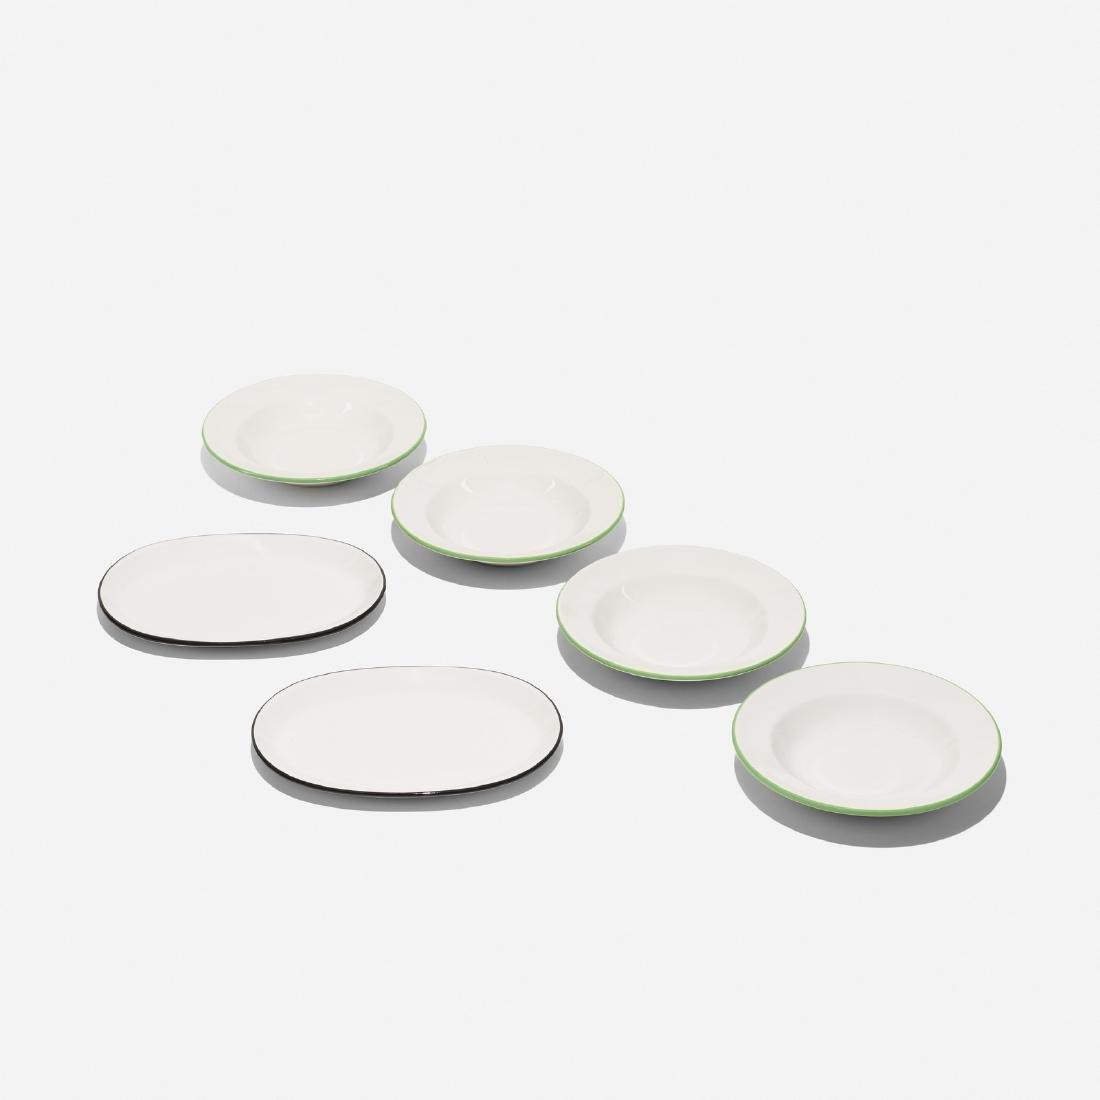 Girard, collection of tableware from La Fonda del Sol